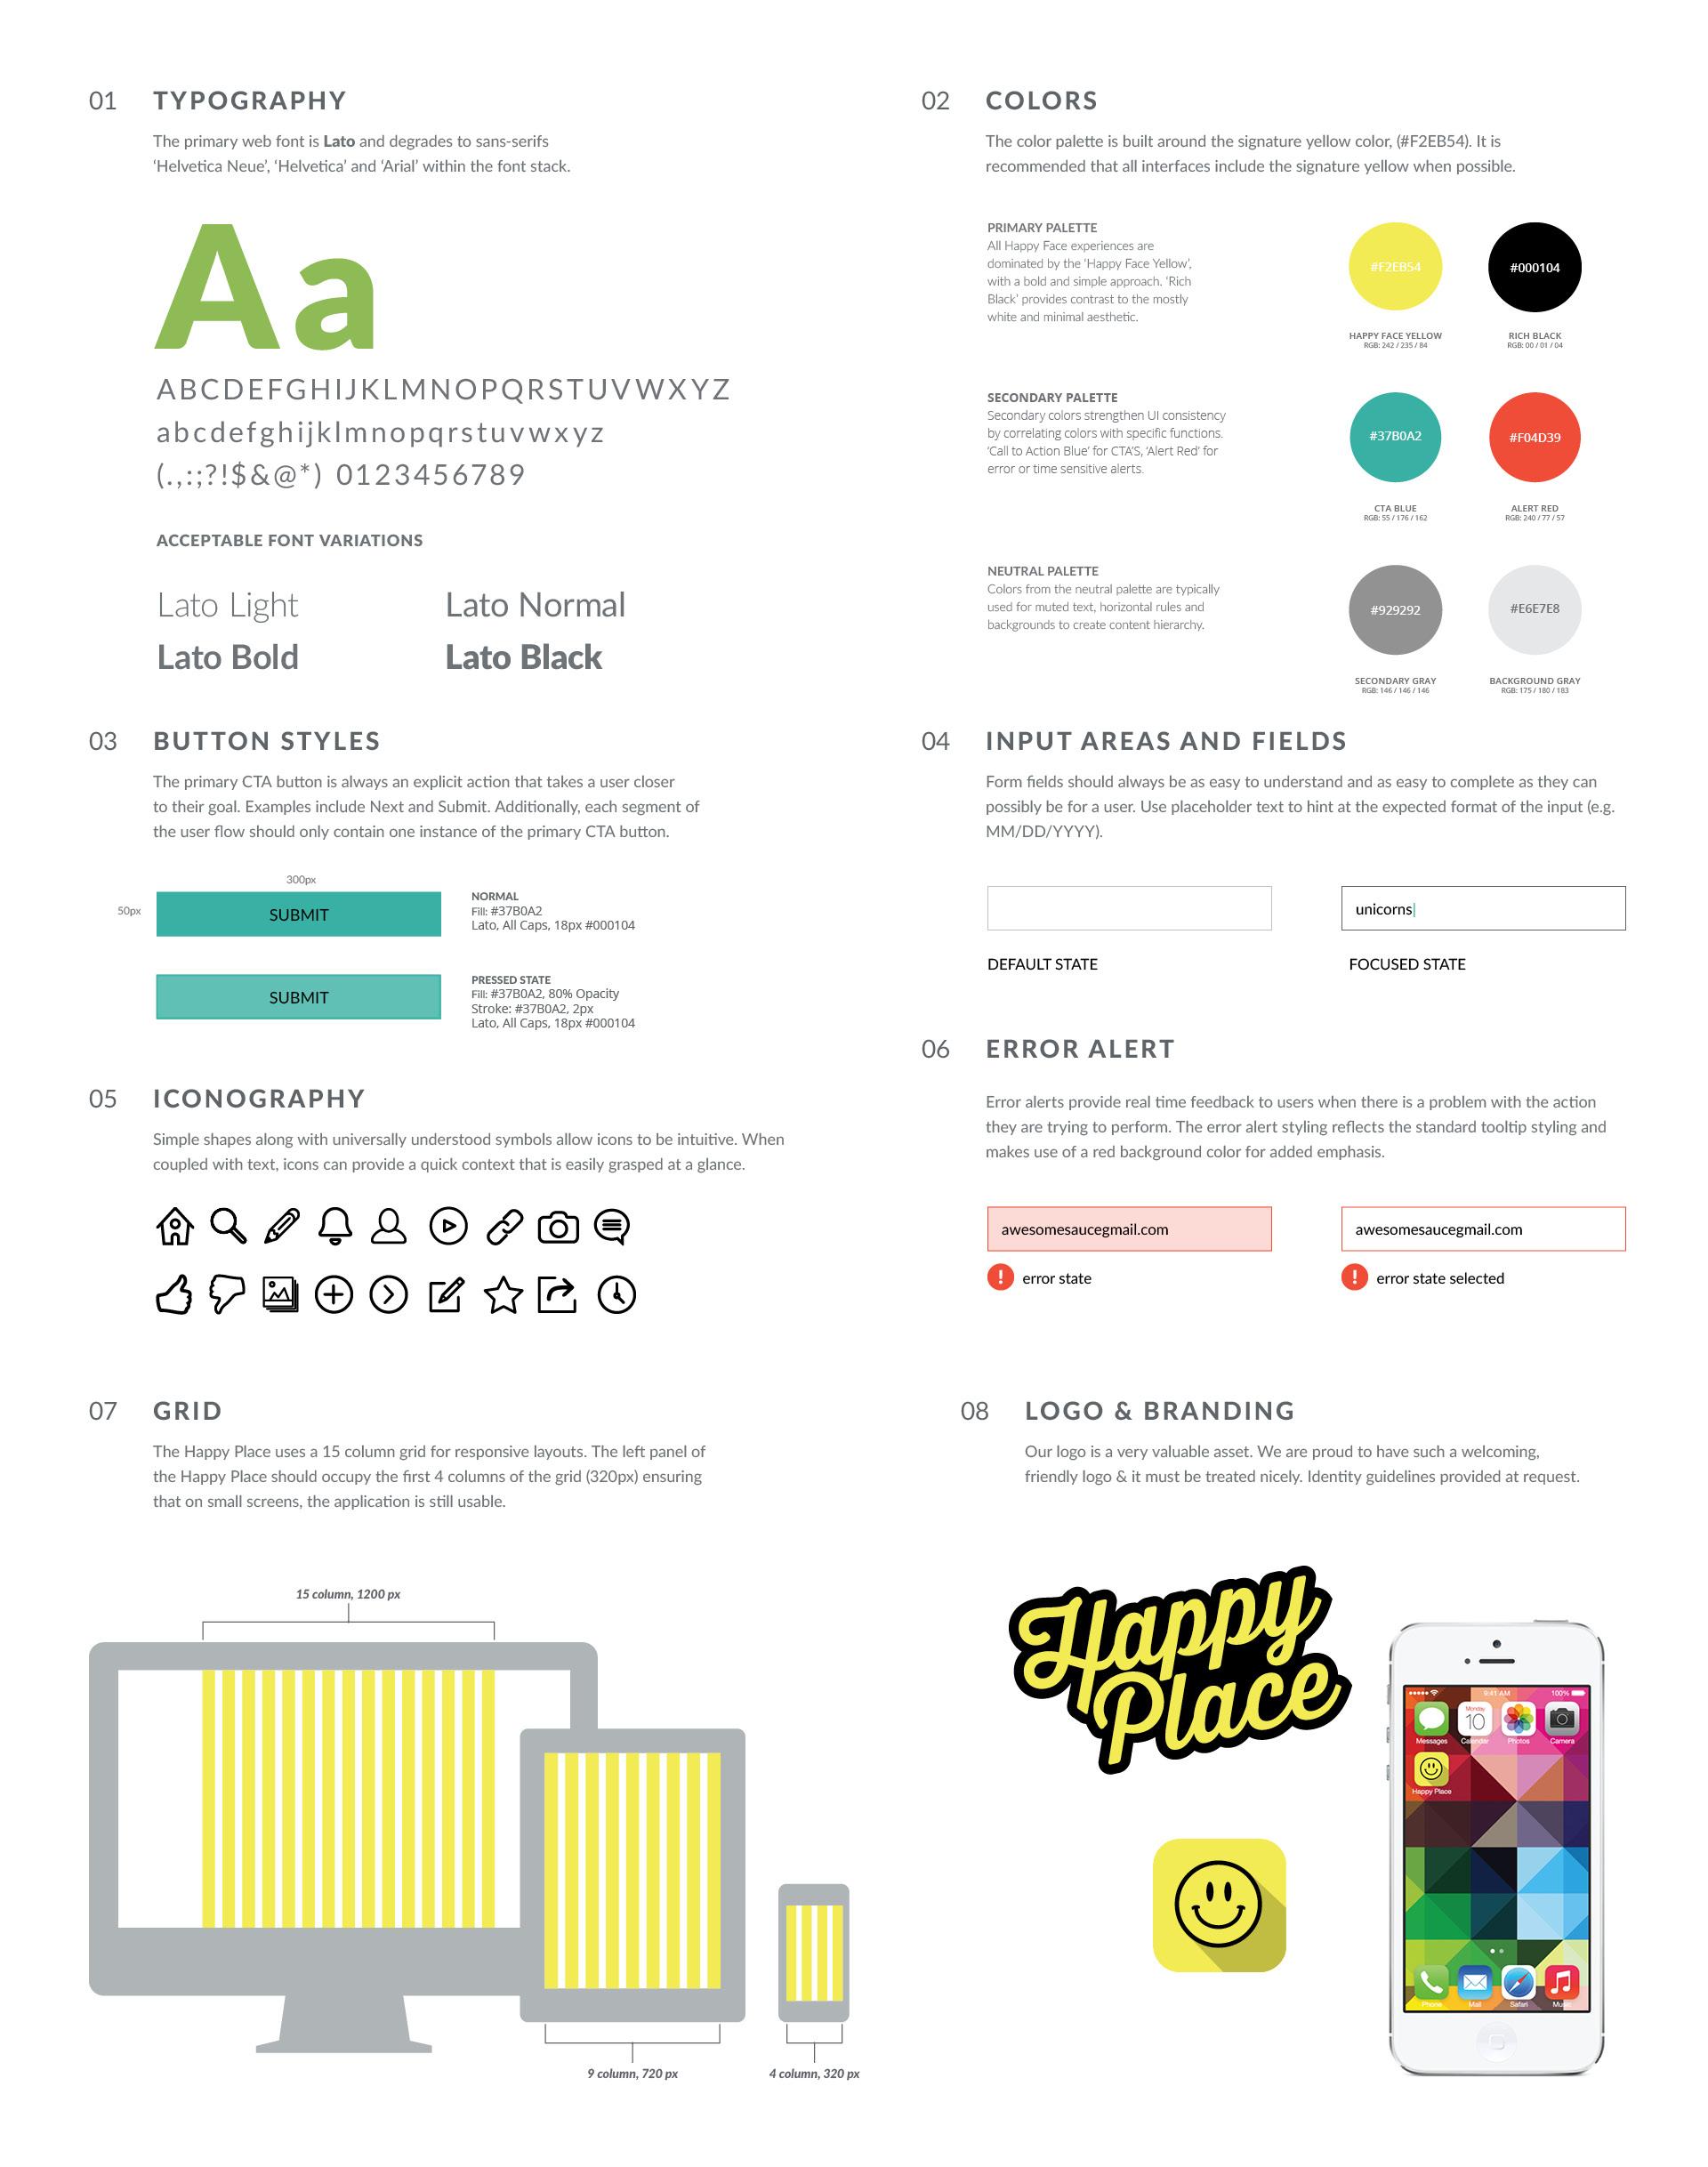 HP-brandingguidelines.jpg